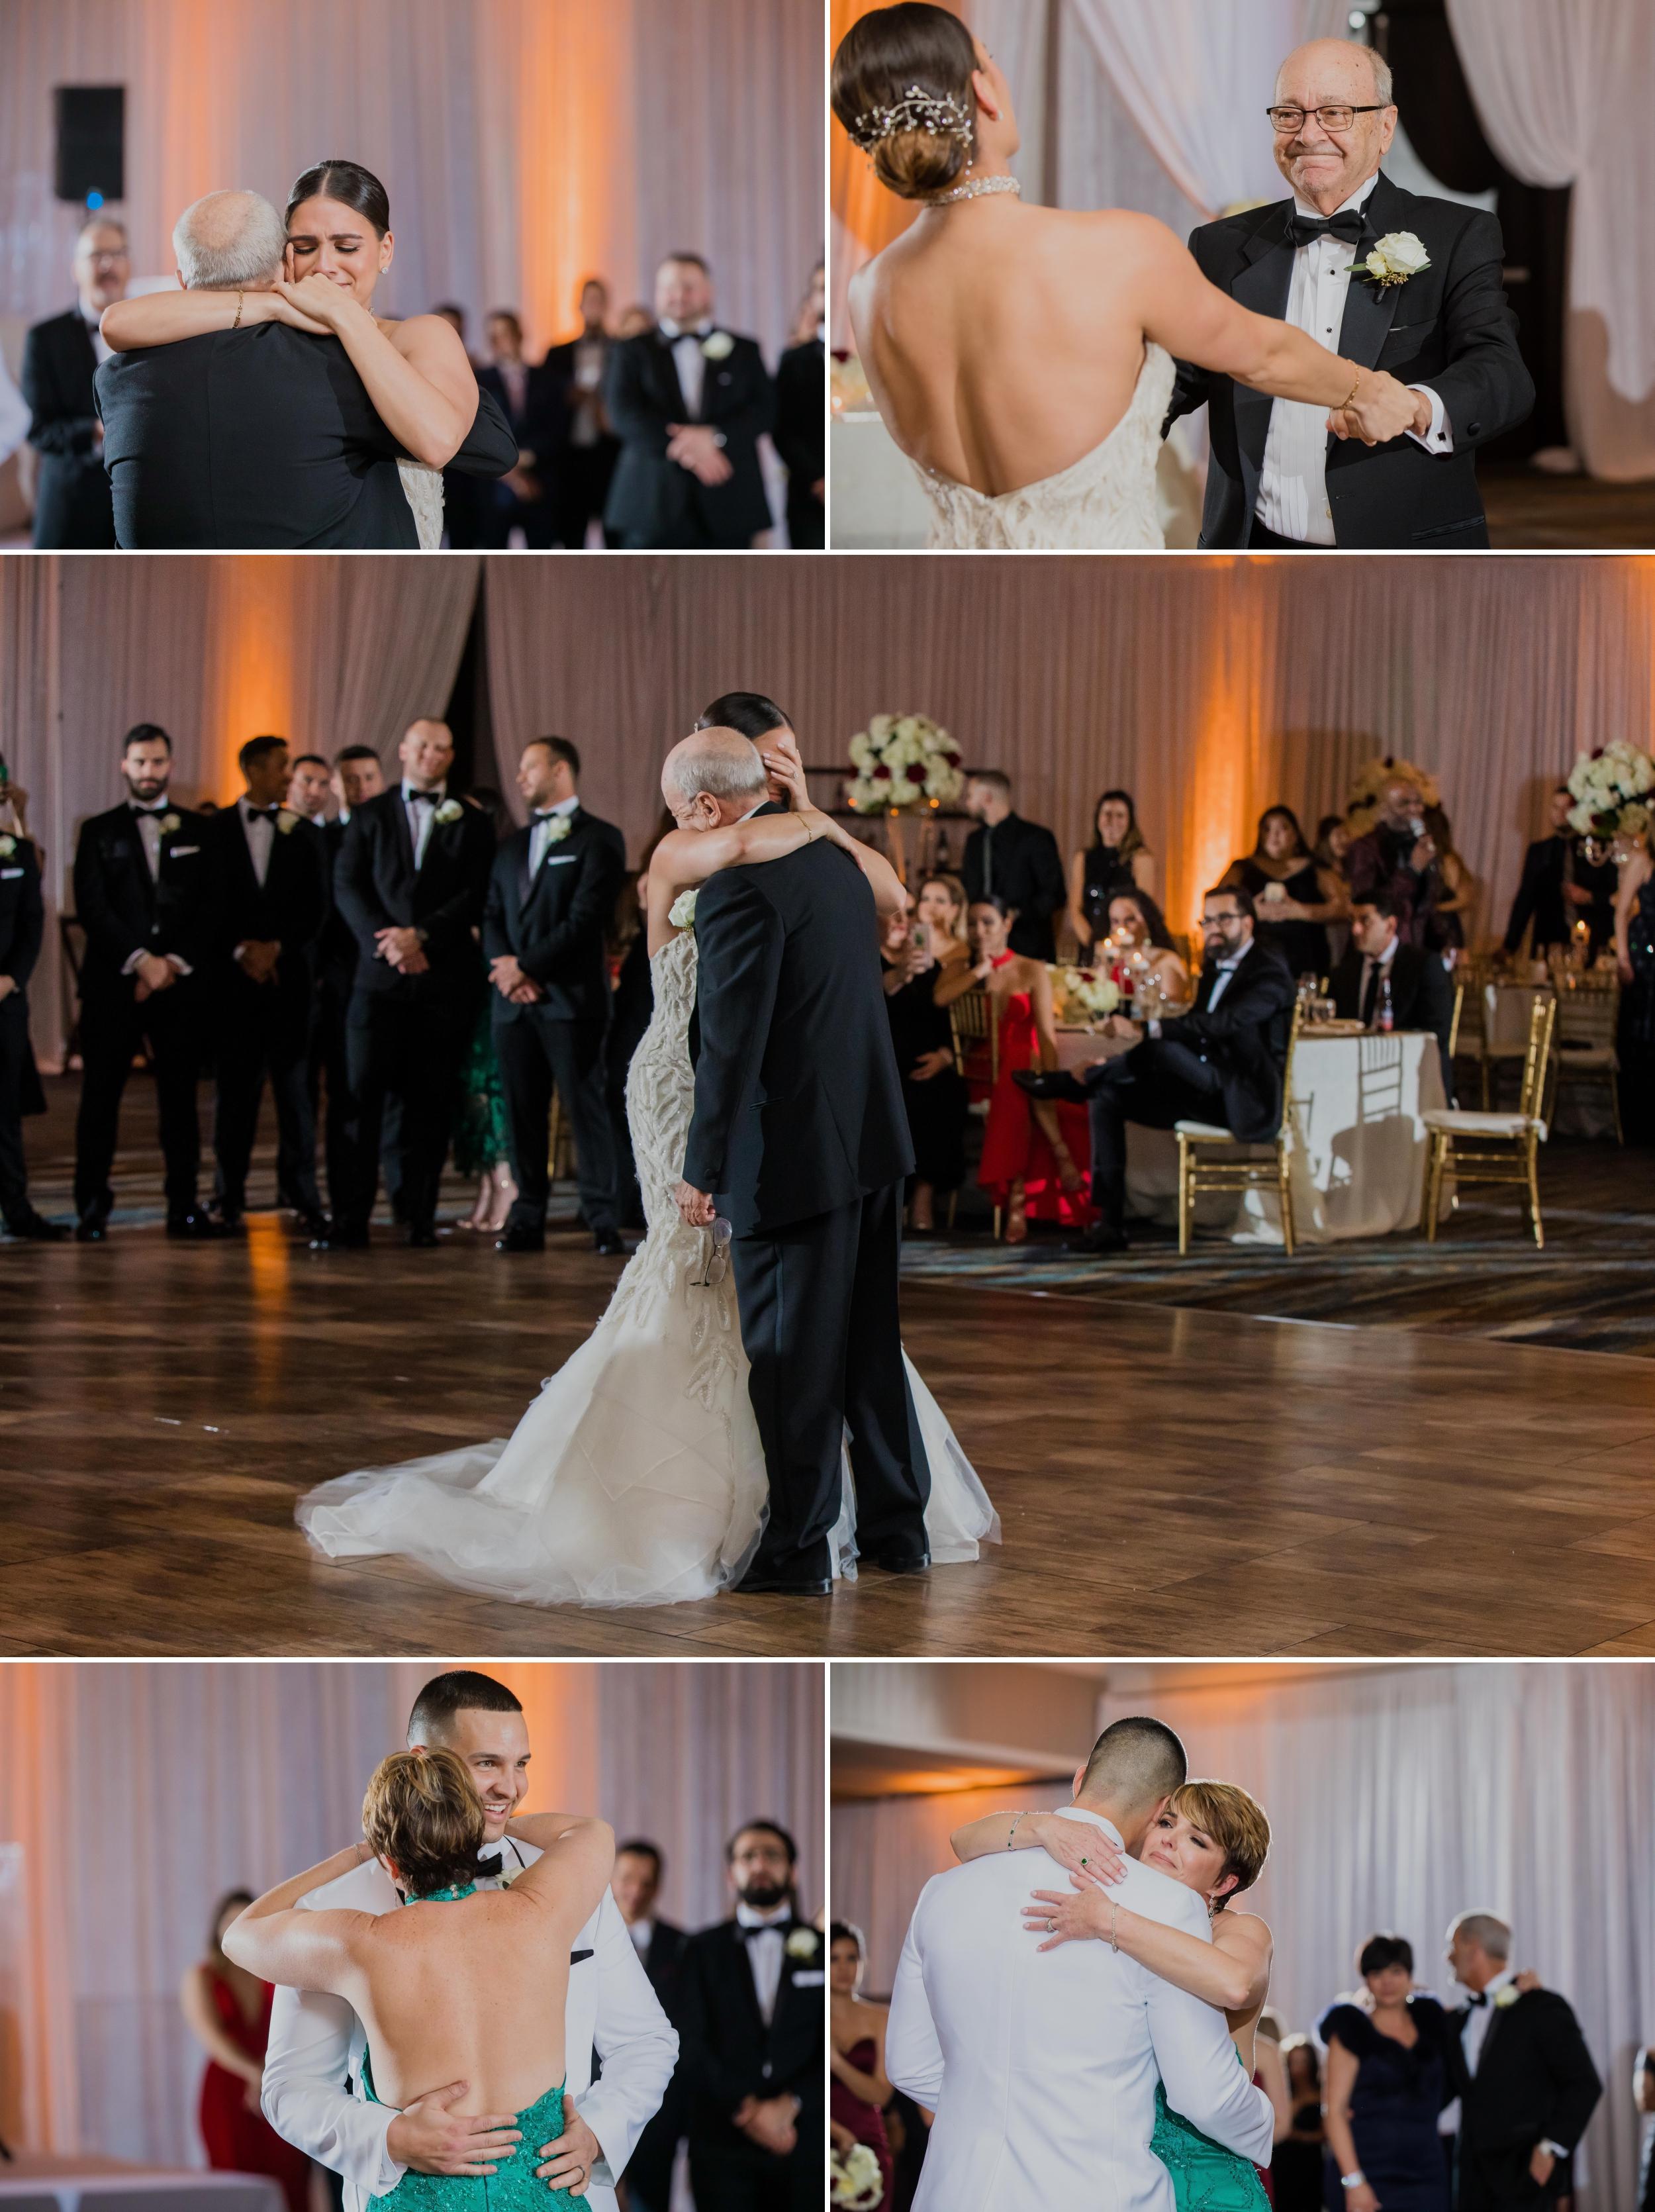 Wedding Biscayne Bay Marriott - Cassie and Jose 17.jpg